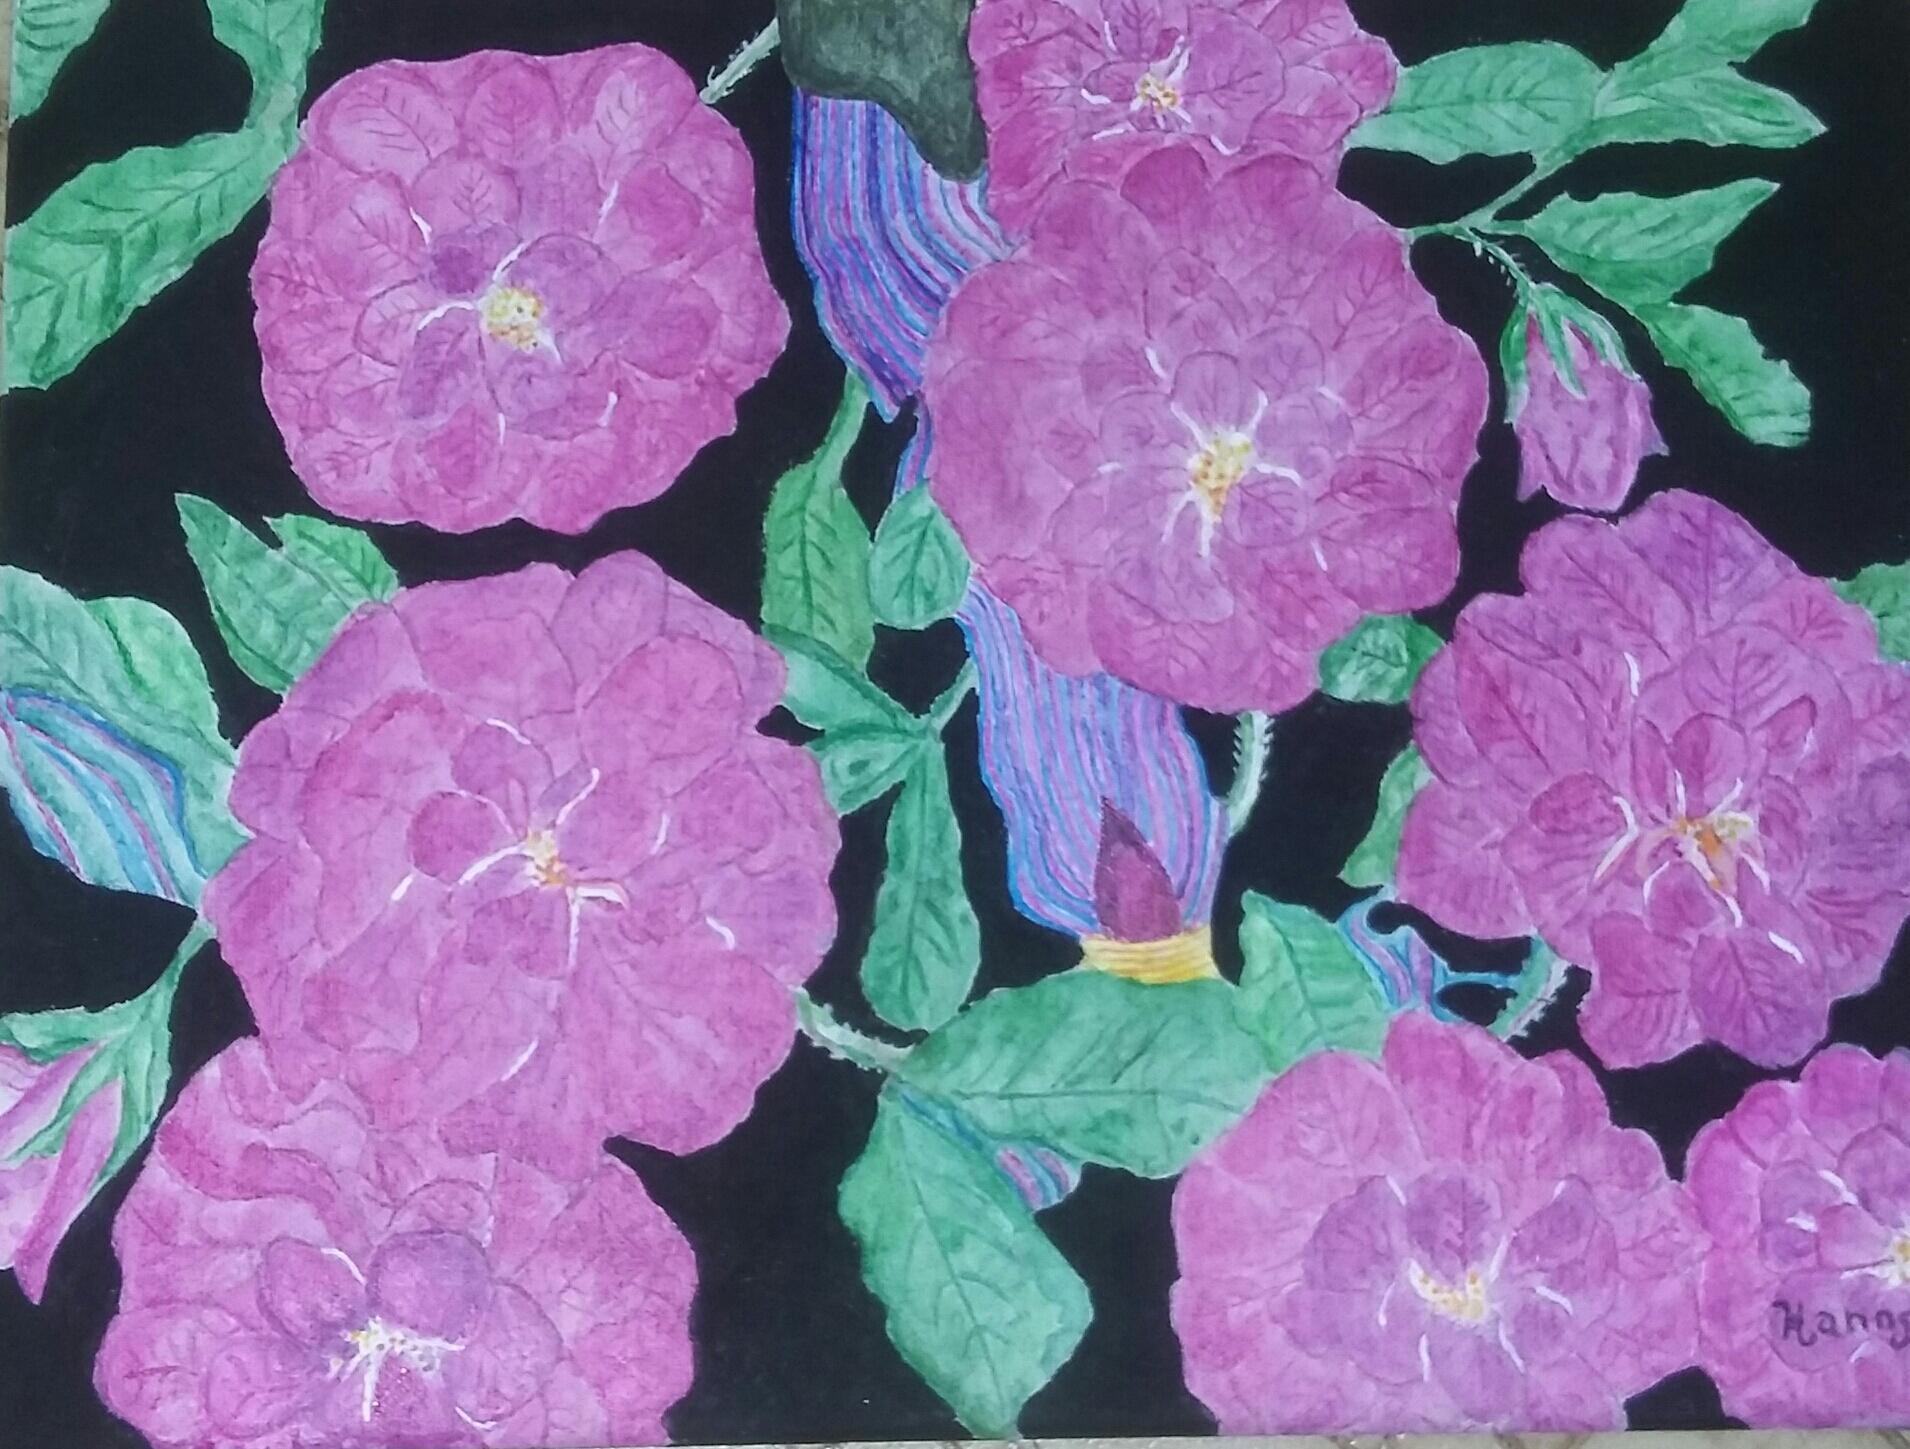 genine-hanns-purple-sidewalk-rose